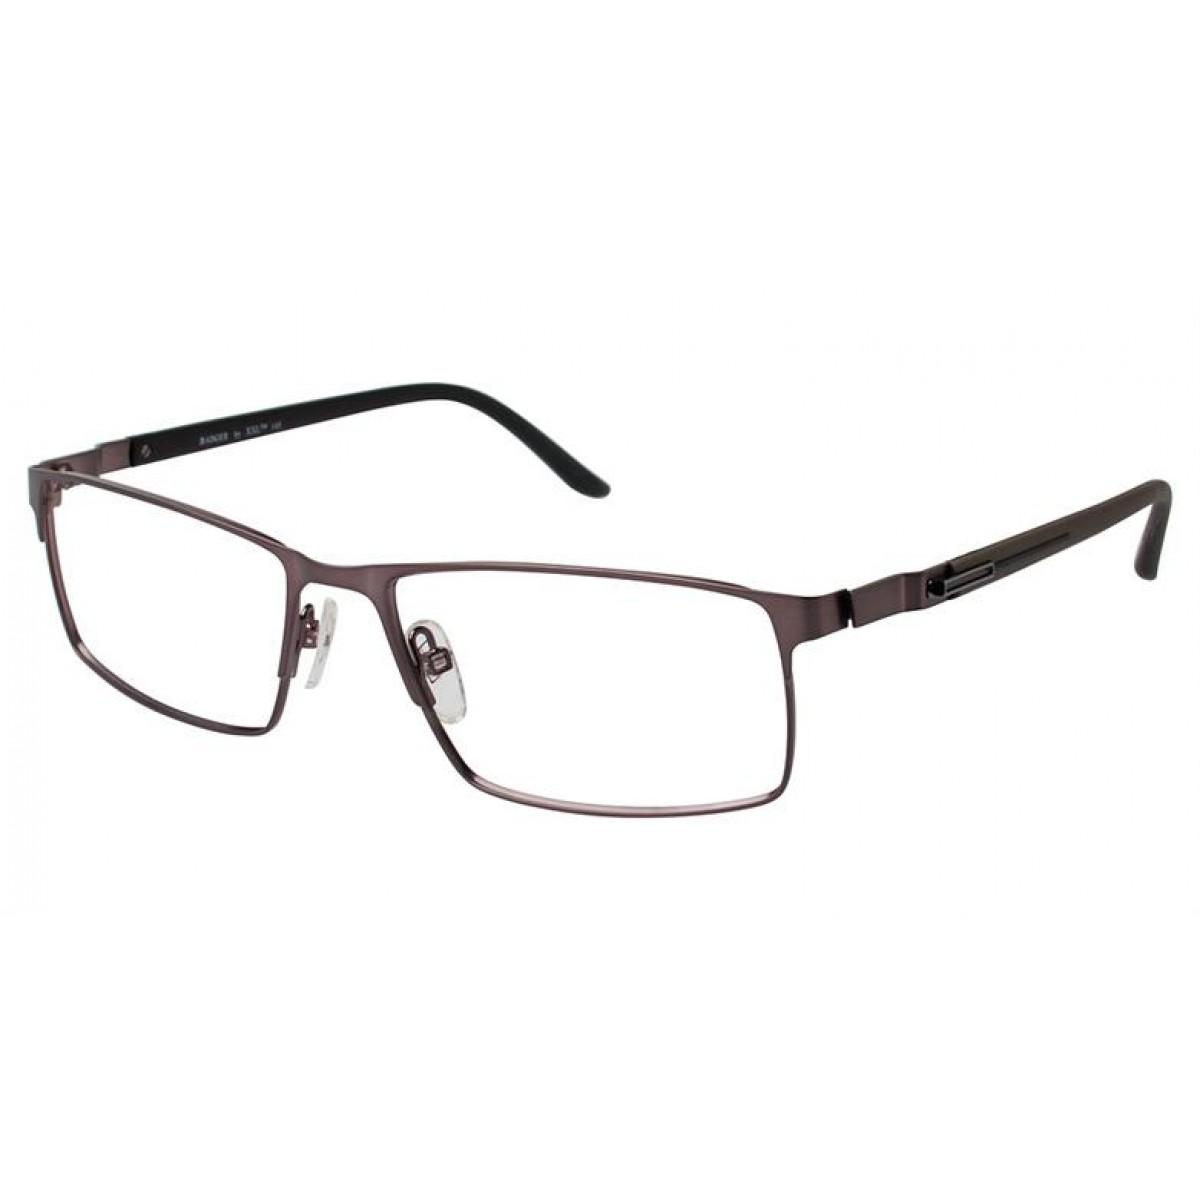 Eyeglasses Quotes. QuotesGram